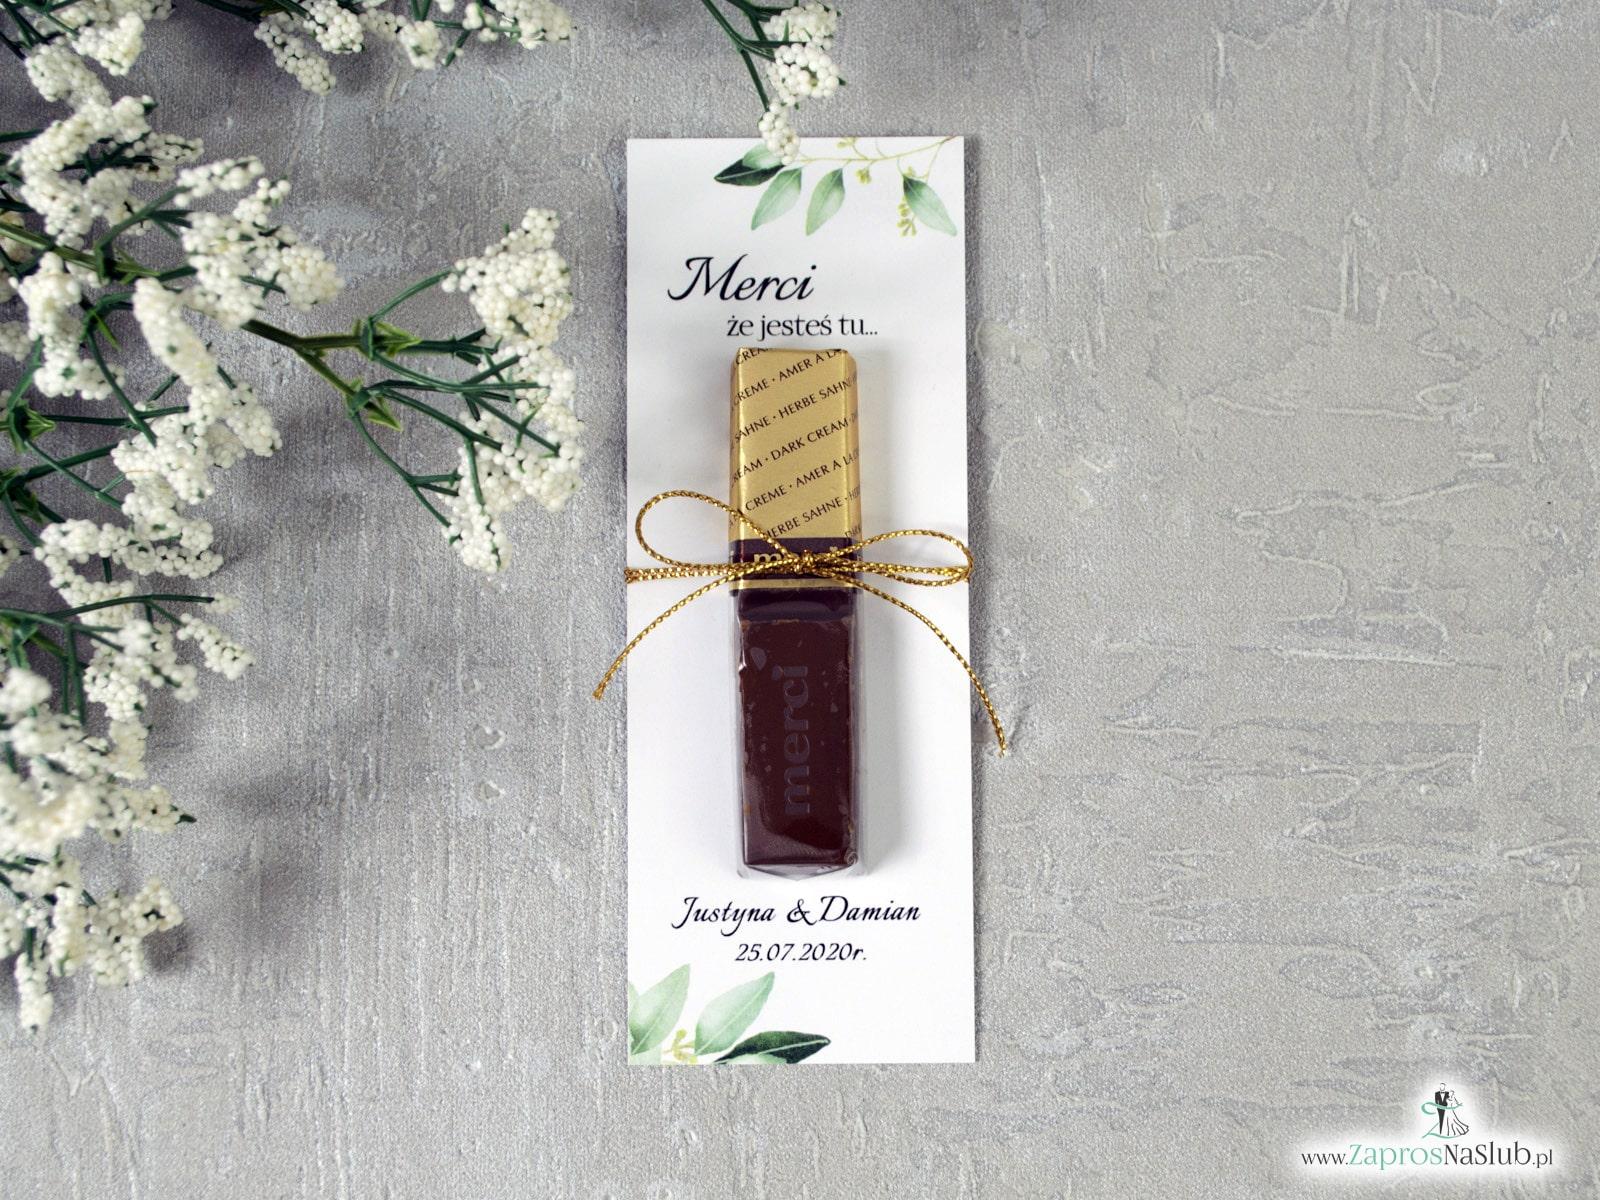 Podziękowanie dla gości weselnych Merci z zielonymi liśćmi - podkładka. MER-115